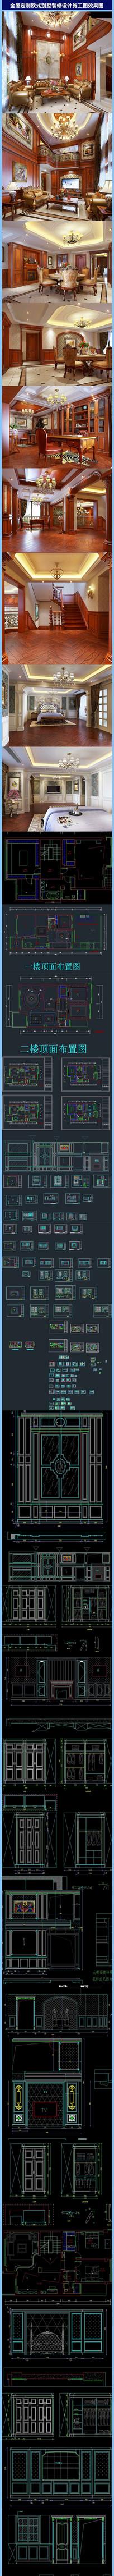 全屋定制欧式别墅装修设计施工图效果图